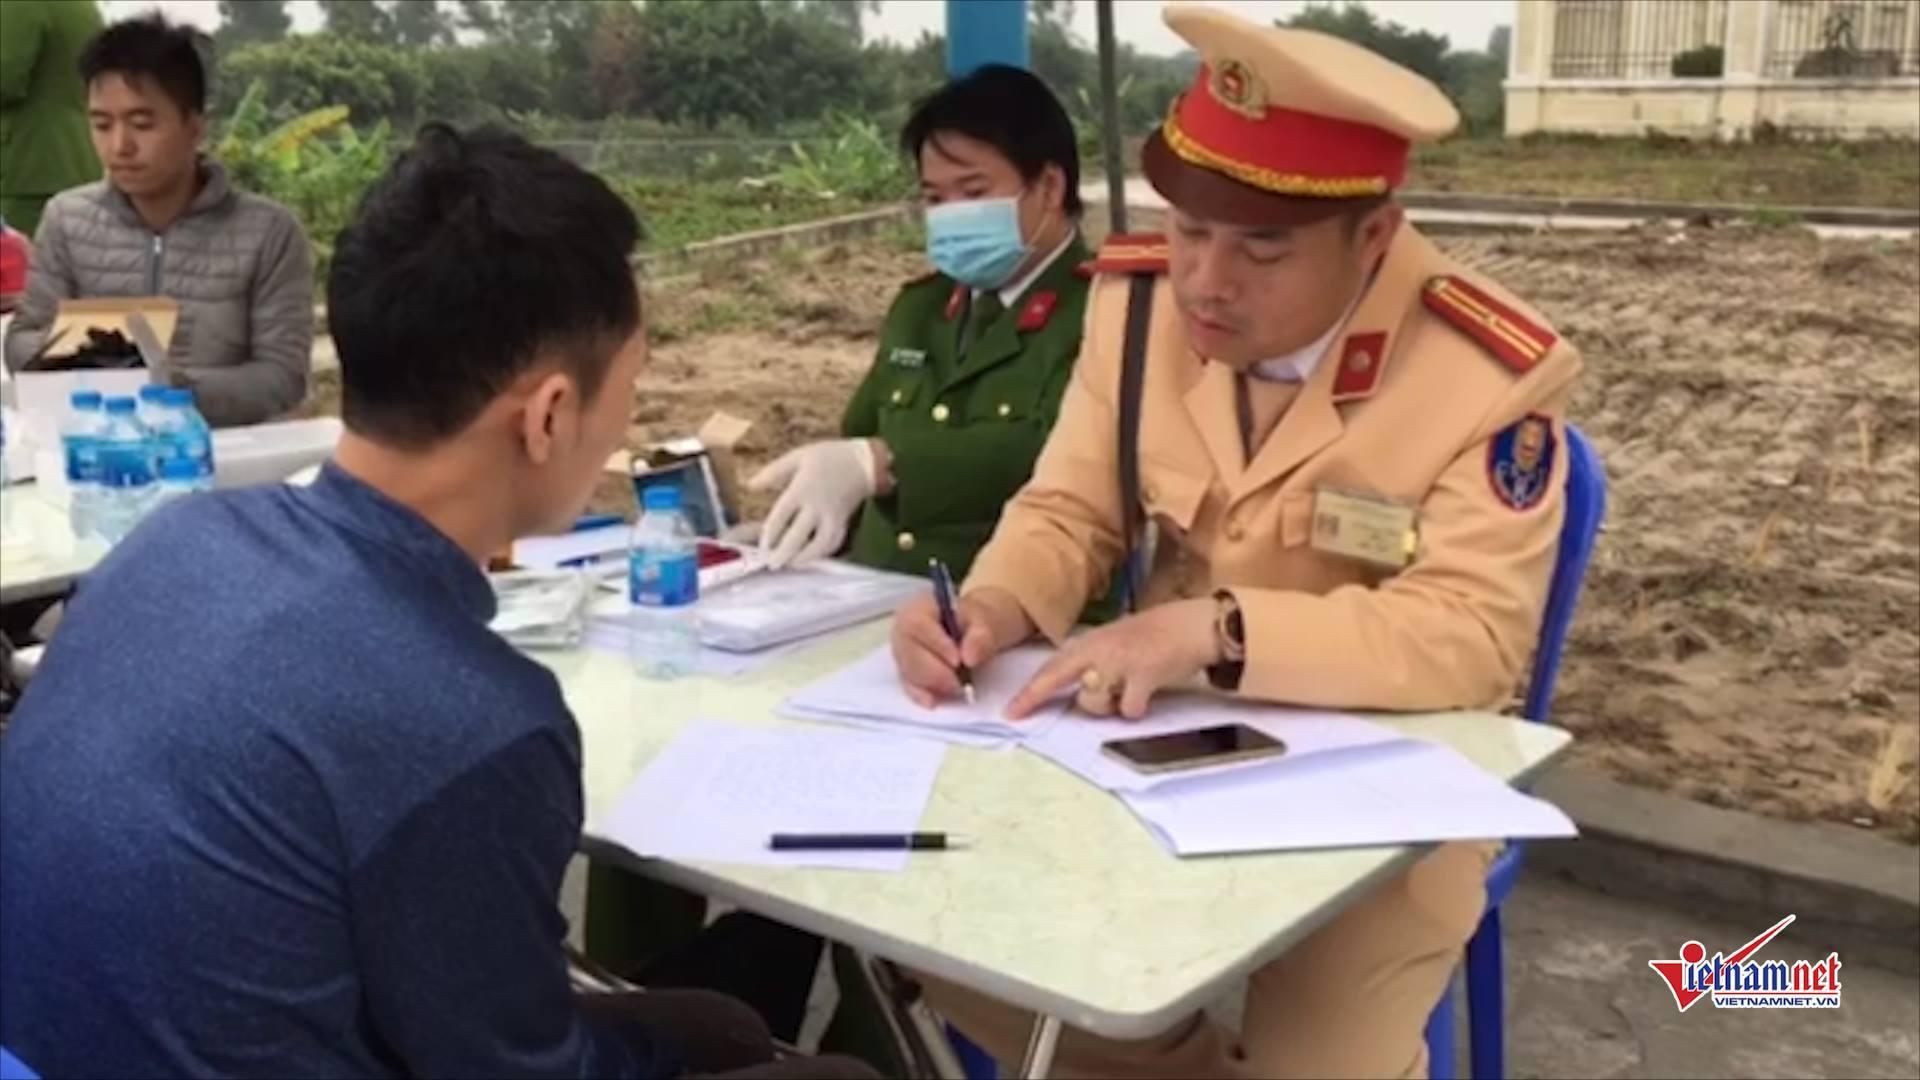 Phát hiện tài xế dương tính với ma túy trên cao tốc Hà Nội - Hải Phòng